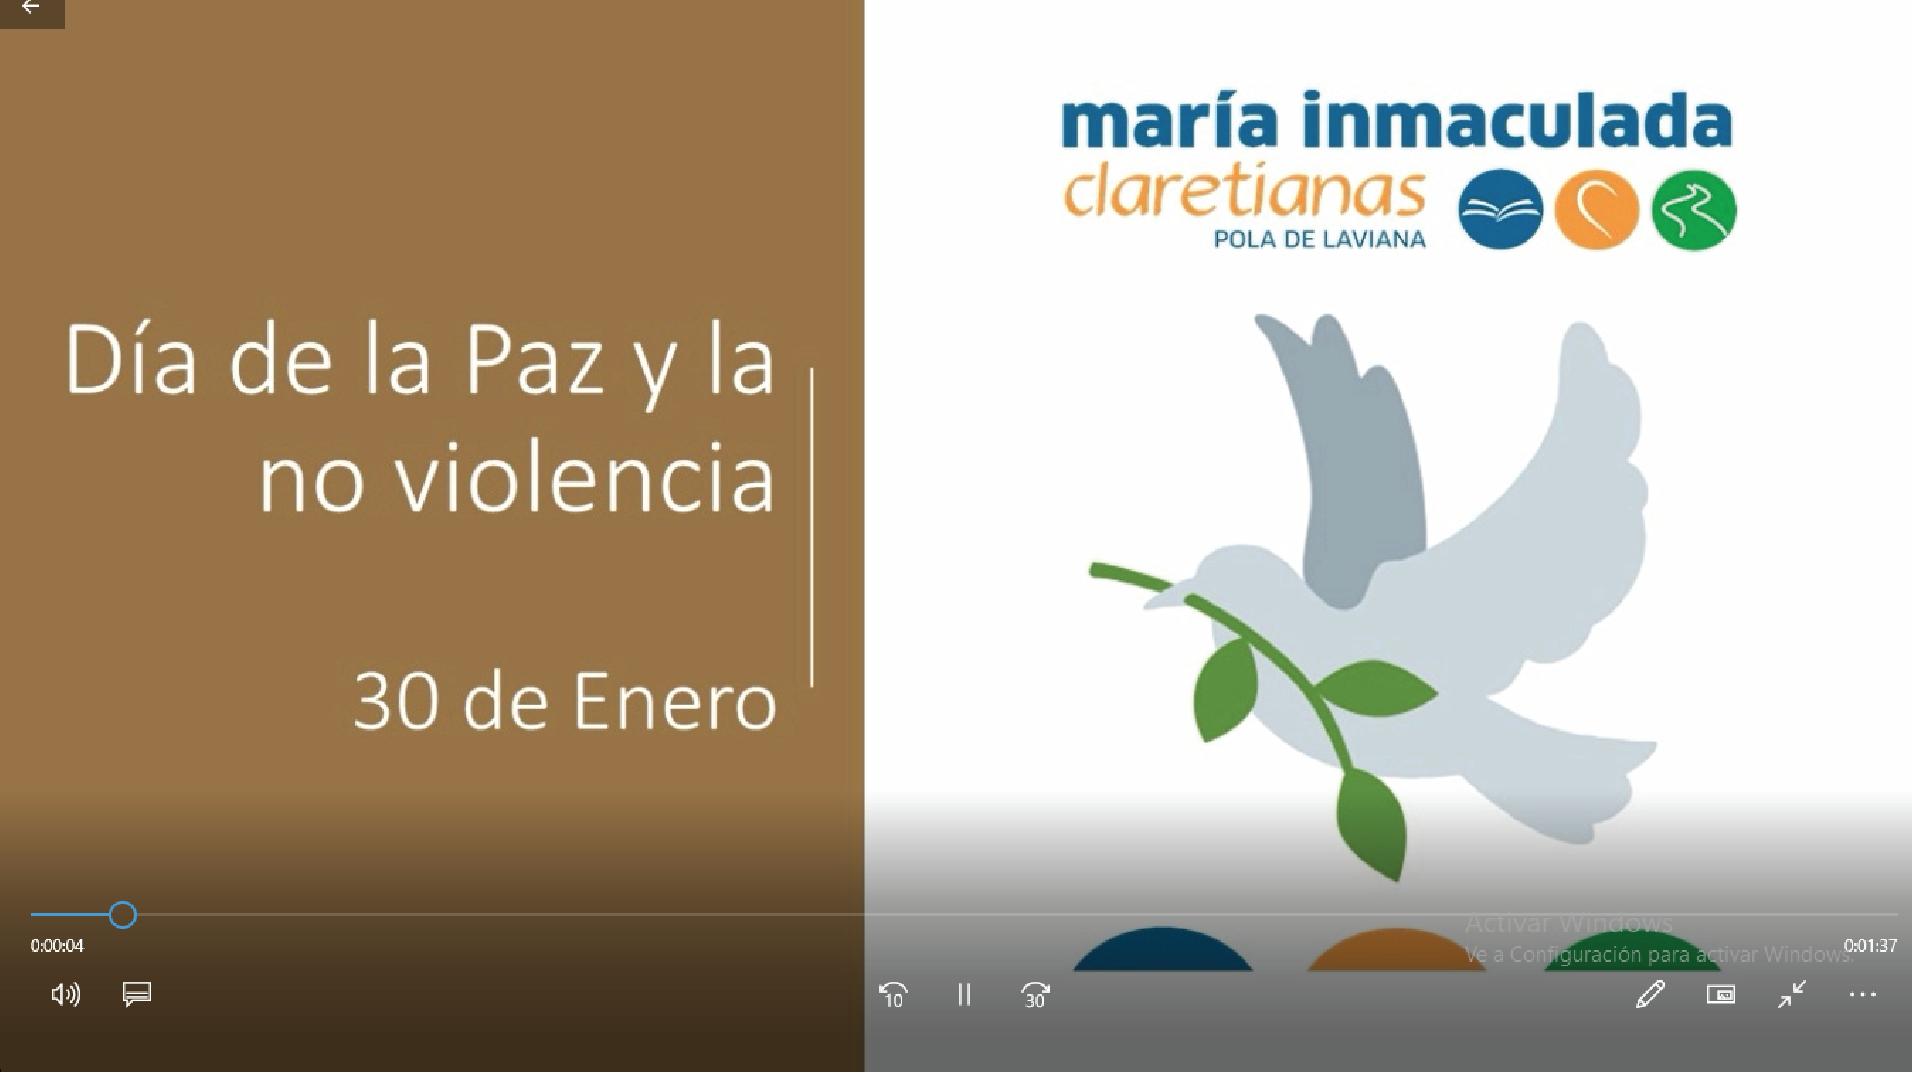 Día de la Paz y la No Violencia en Pola de Laviana